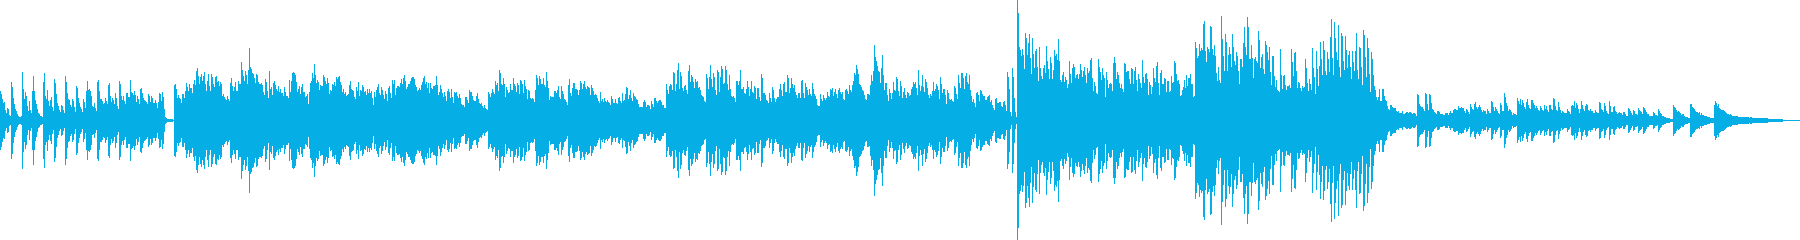 季節巡る、かわいいピアノワルツの再生済みの波形